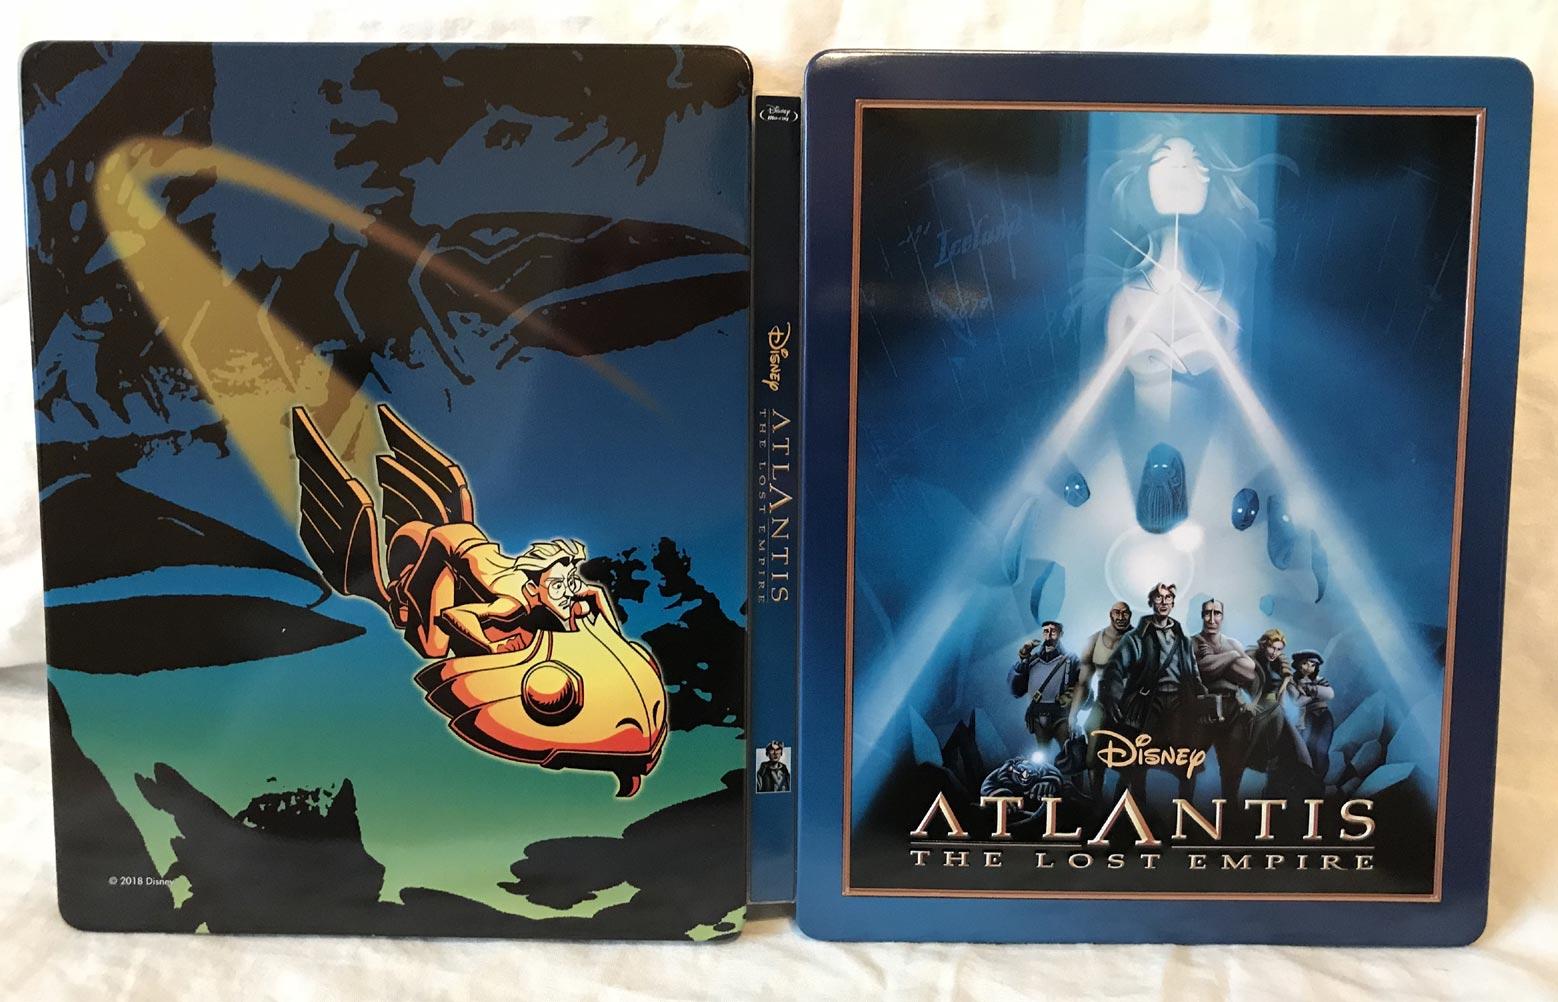 Atlantis-steelbook-4.jpg